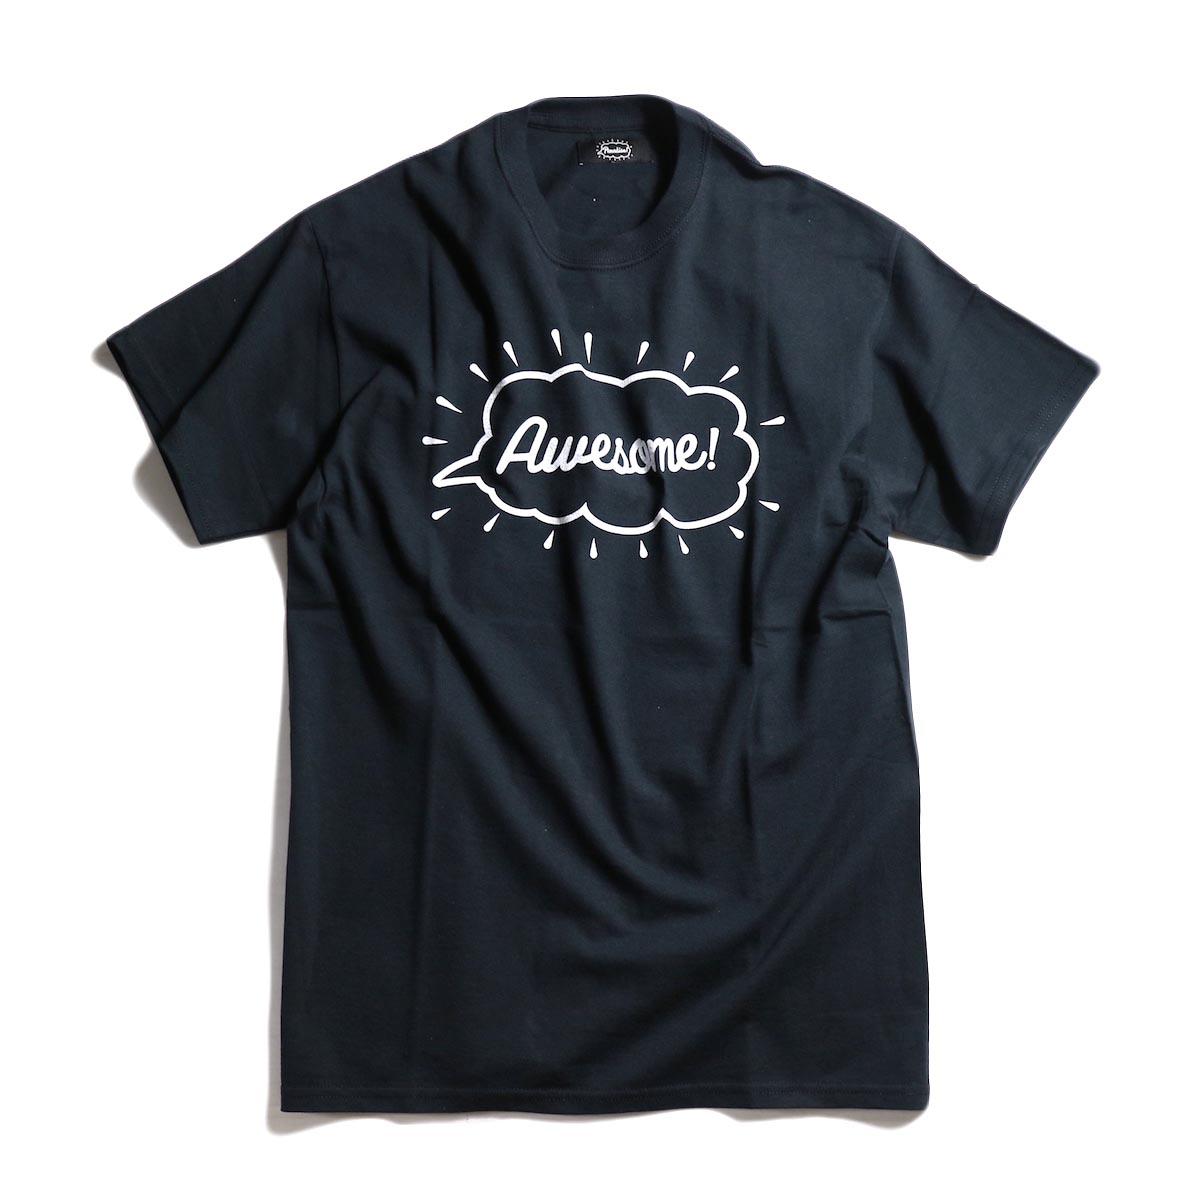 Paradise! / T-Shirt (Awesome) -Black